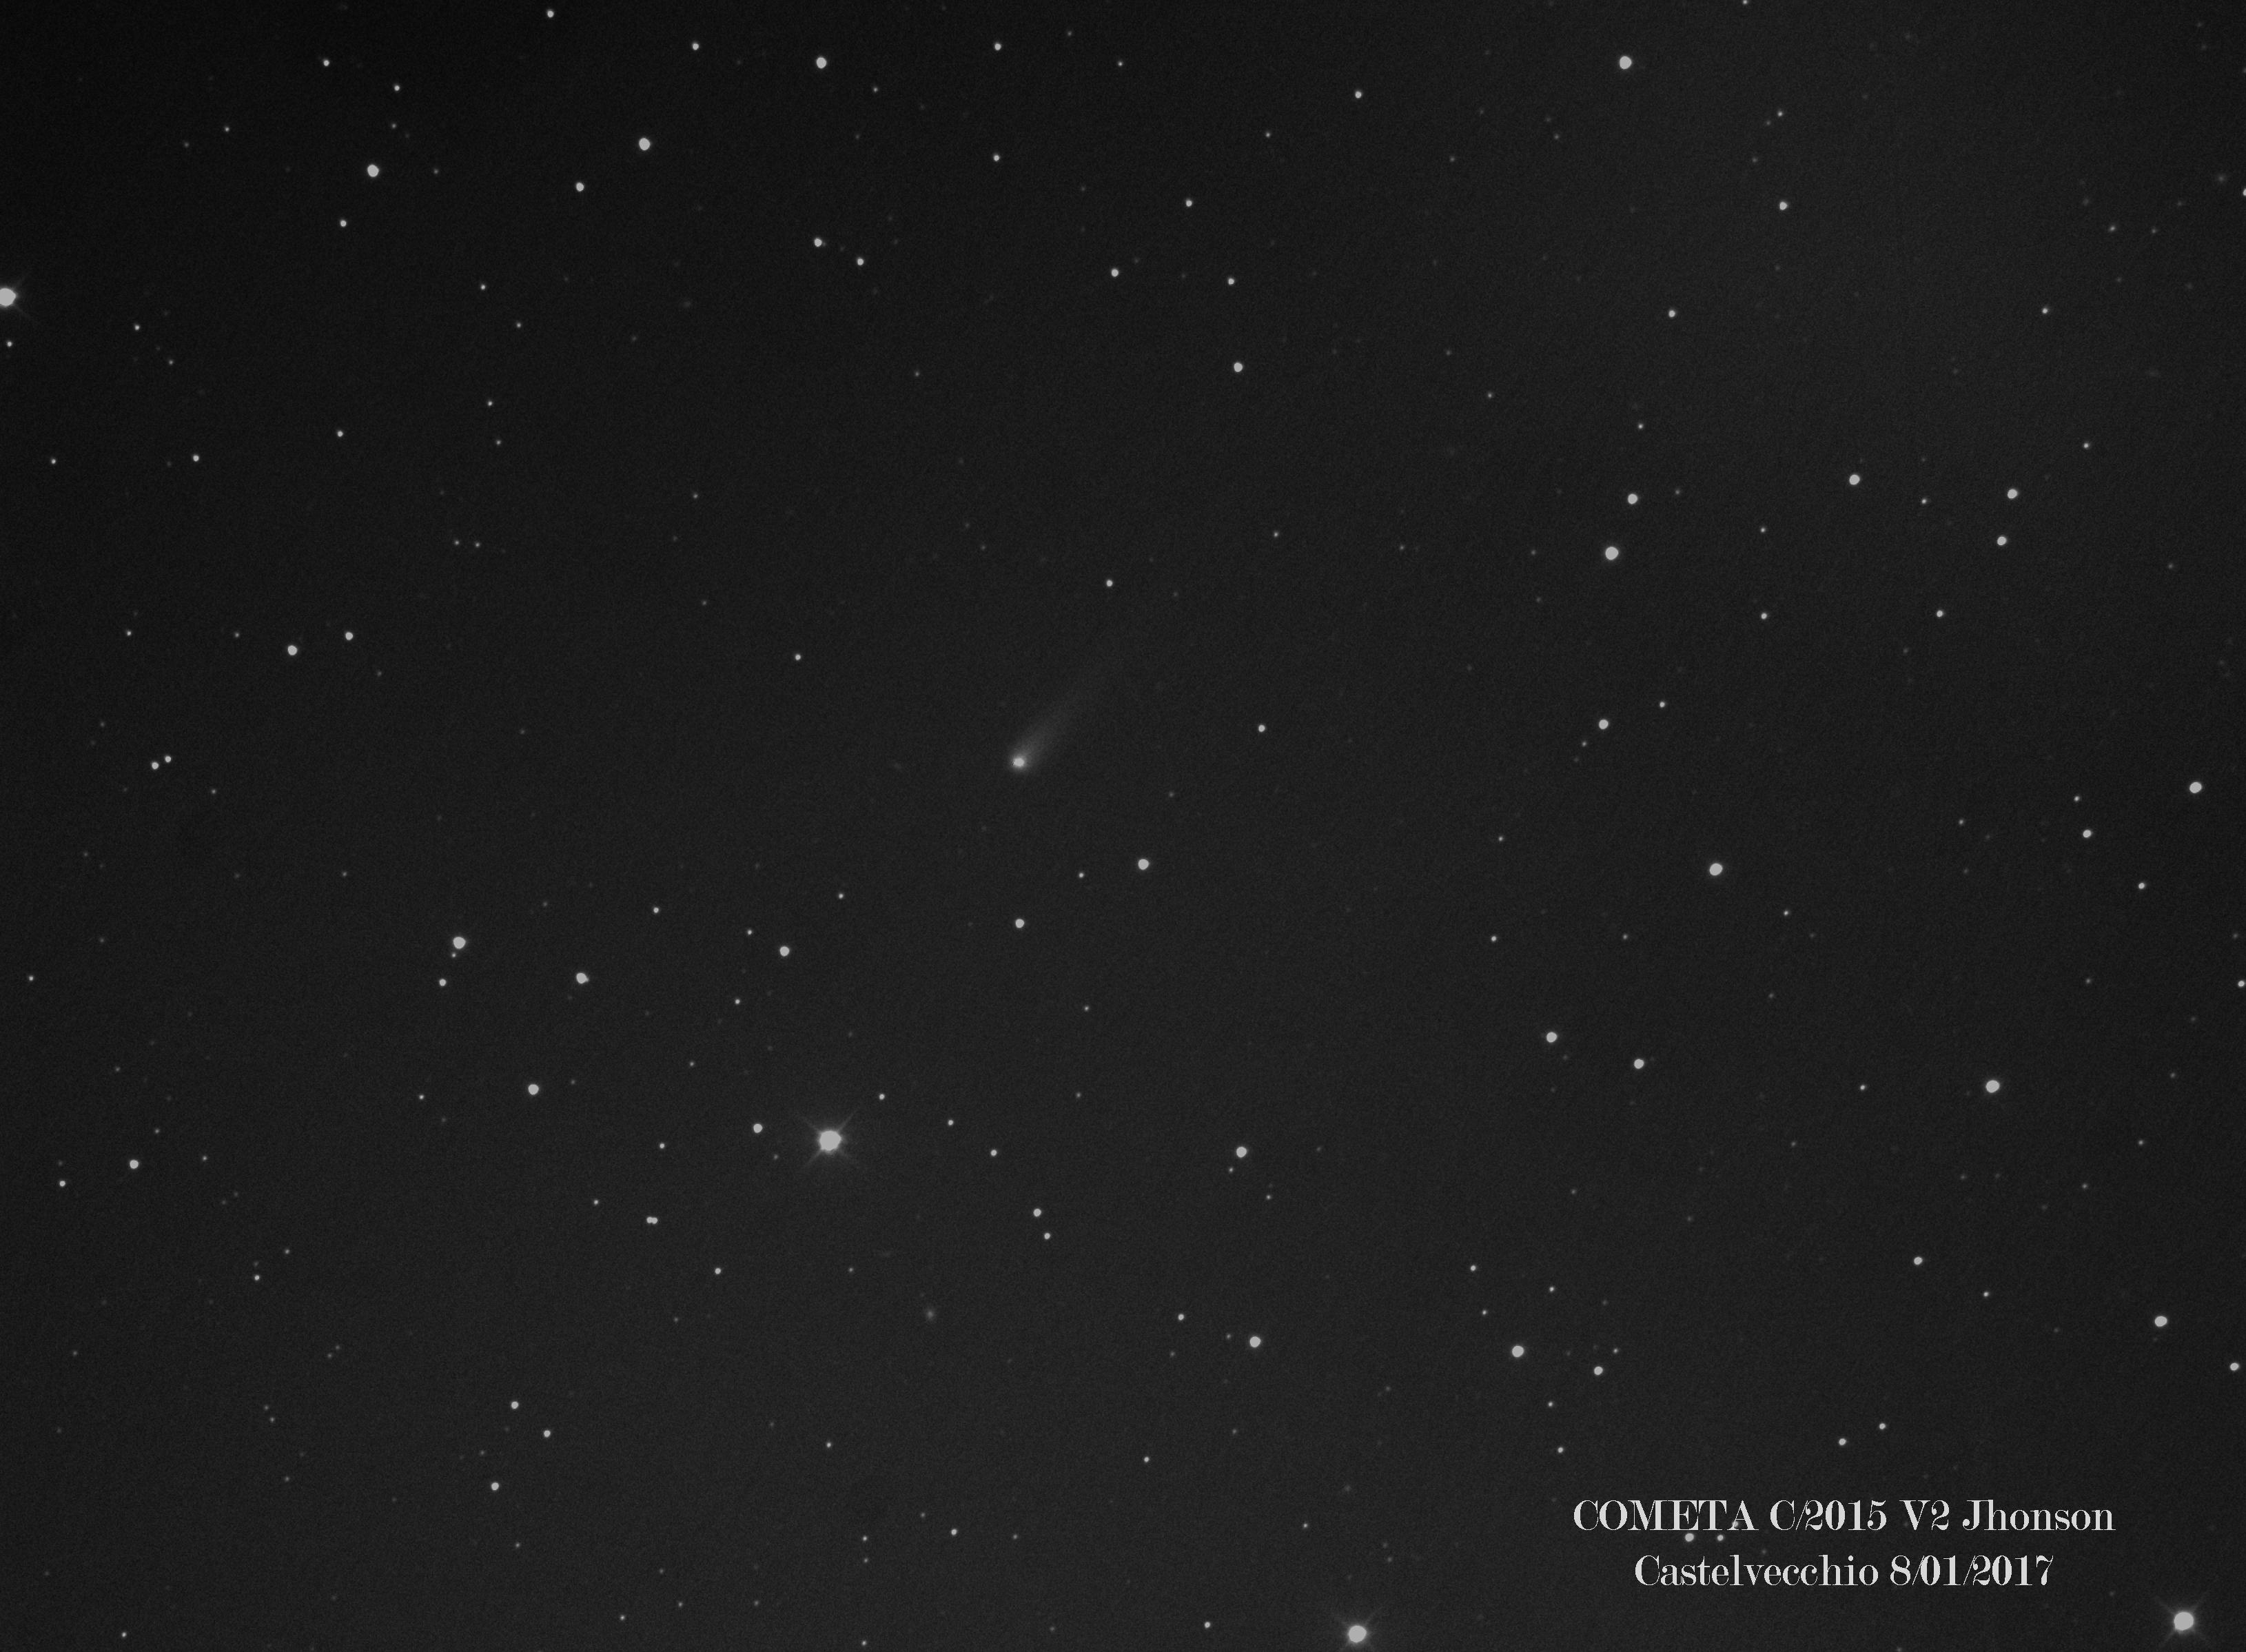 cometa-c2017-v2i